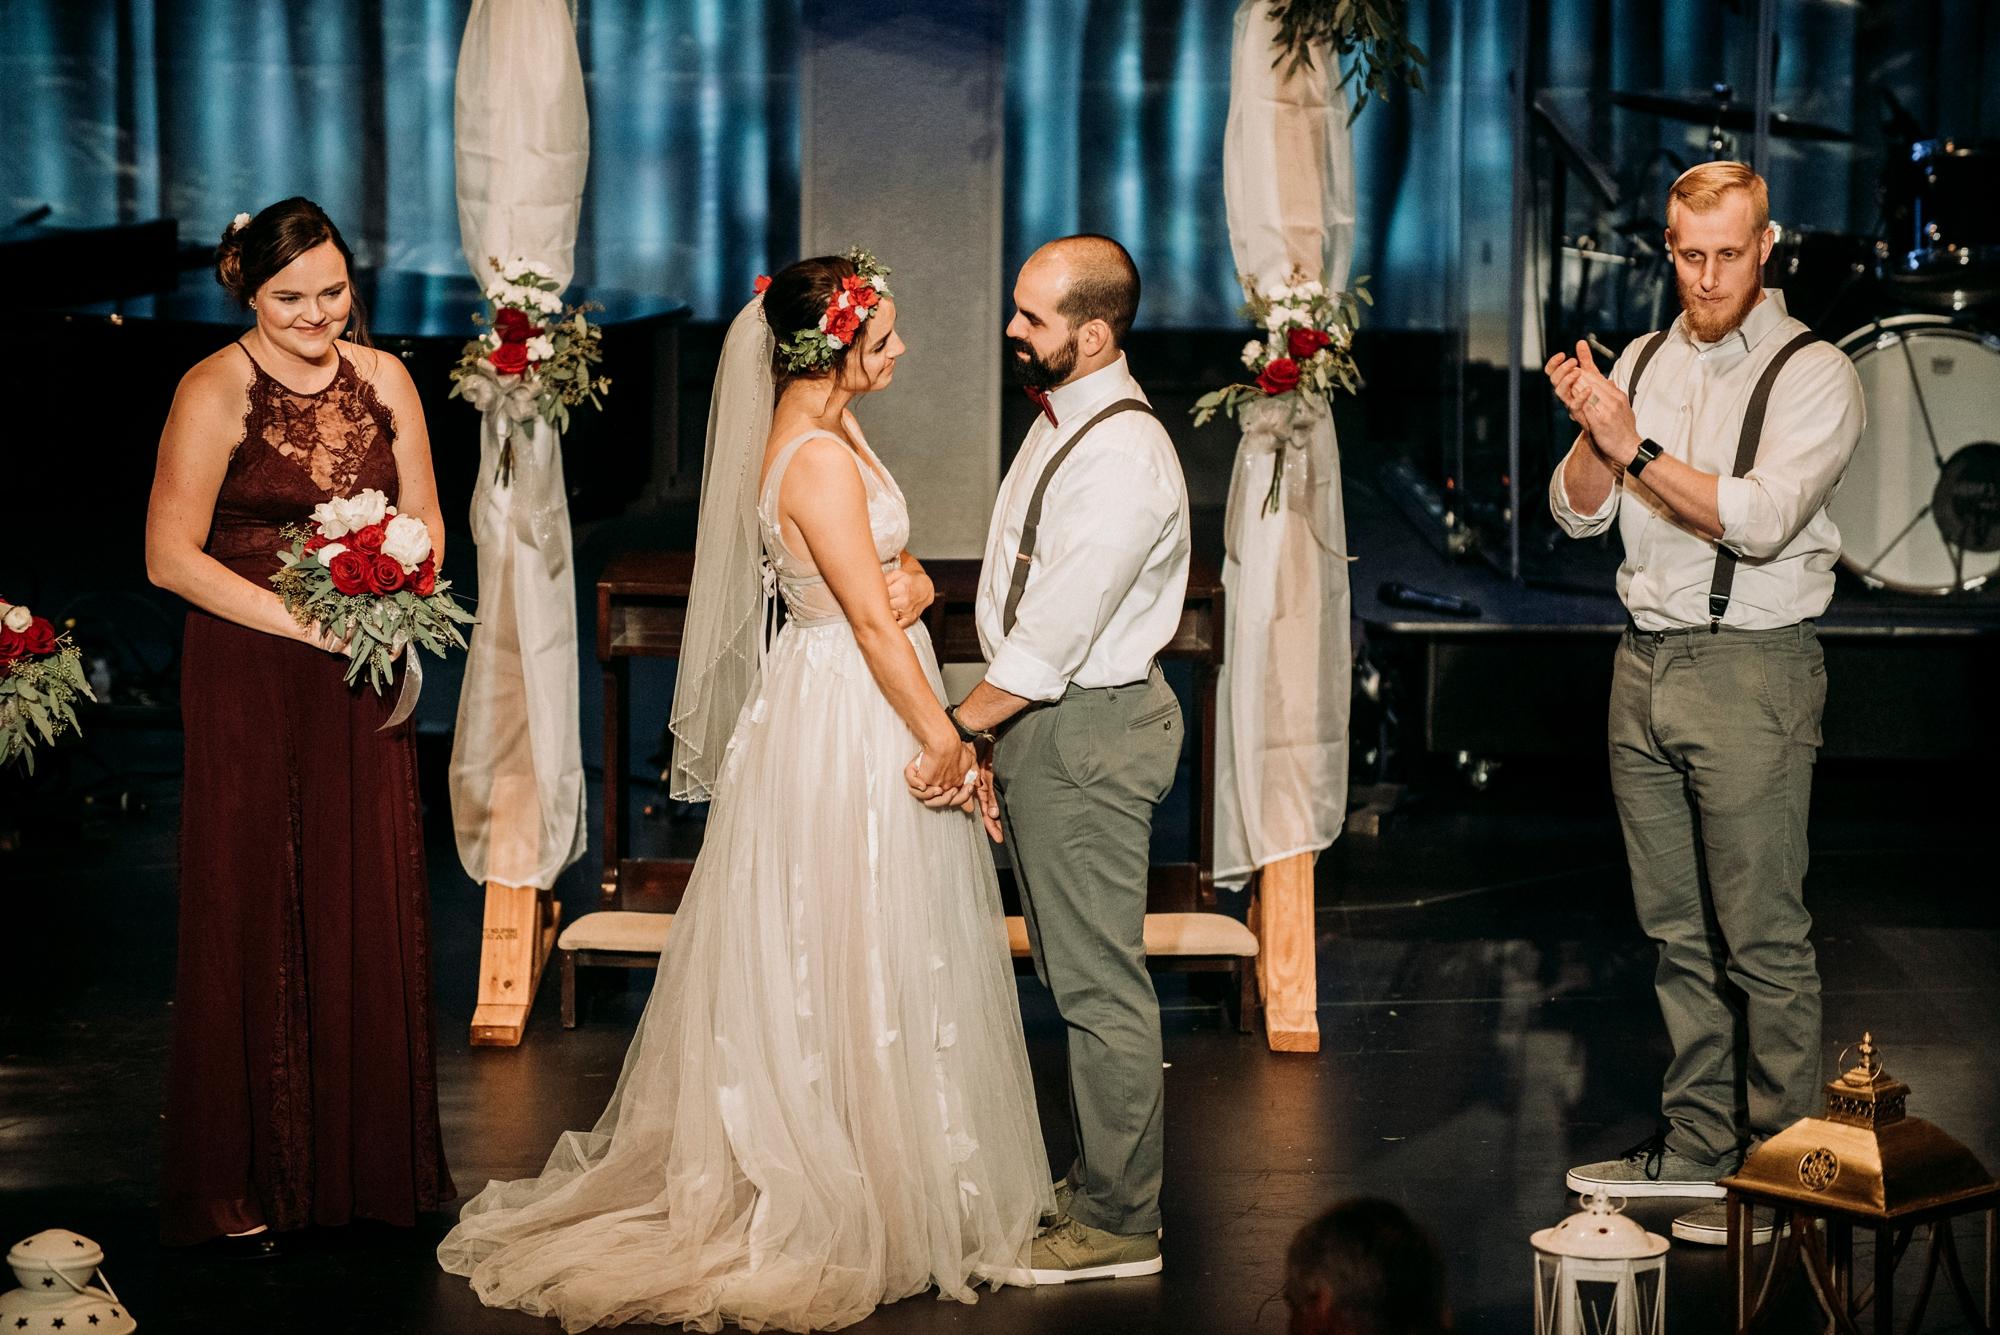 ethical-destination-wedding-stlouis_0064.jpg